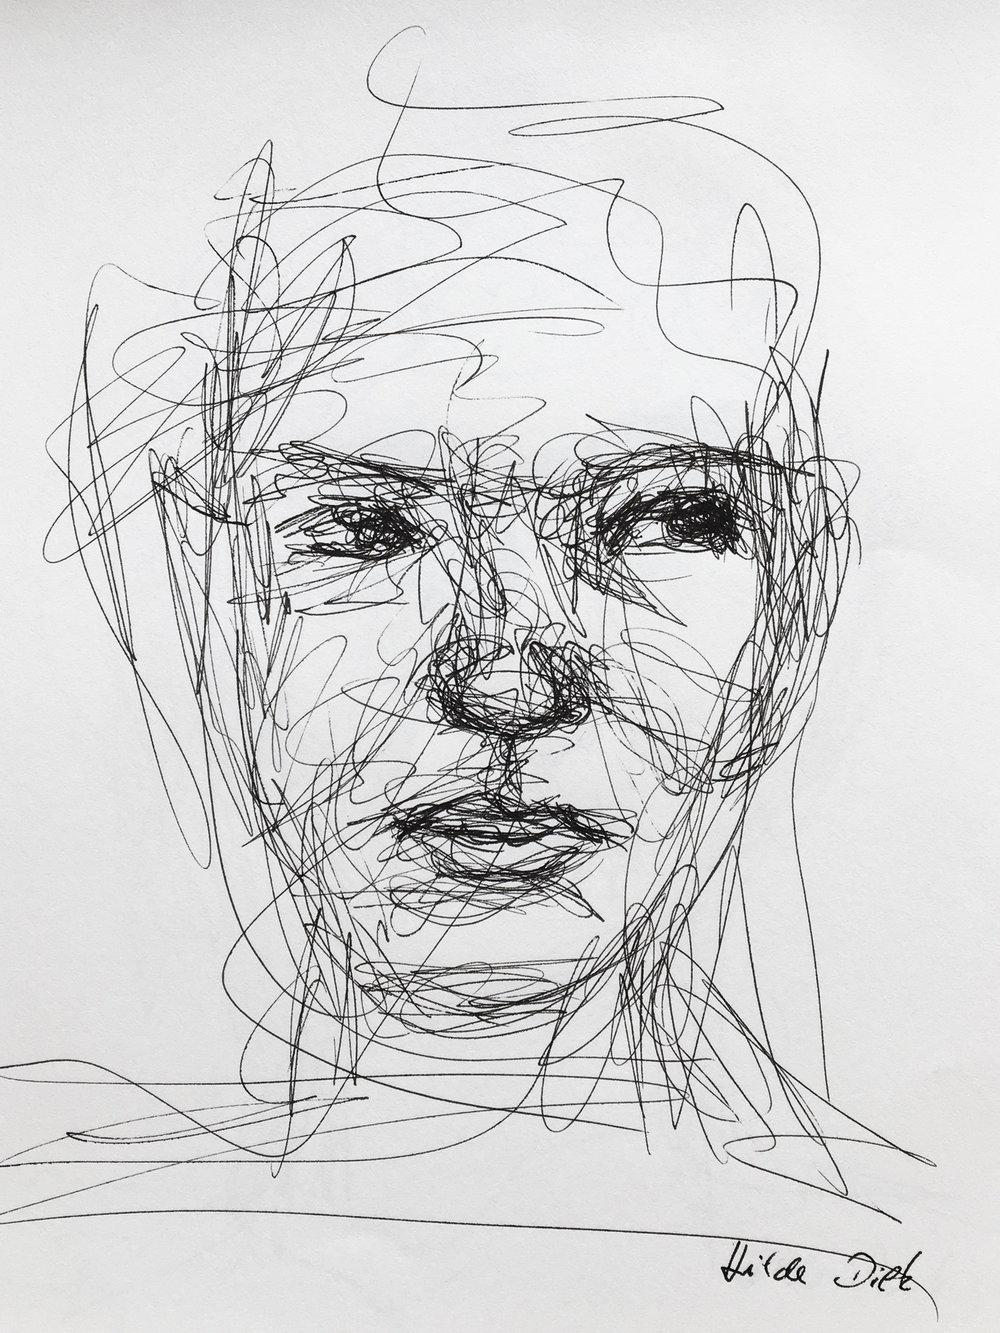 Hilde_Dietz_Menschenbilder_Zeichnung_Skizzen_2_02.jpg